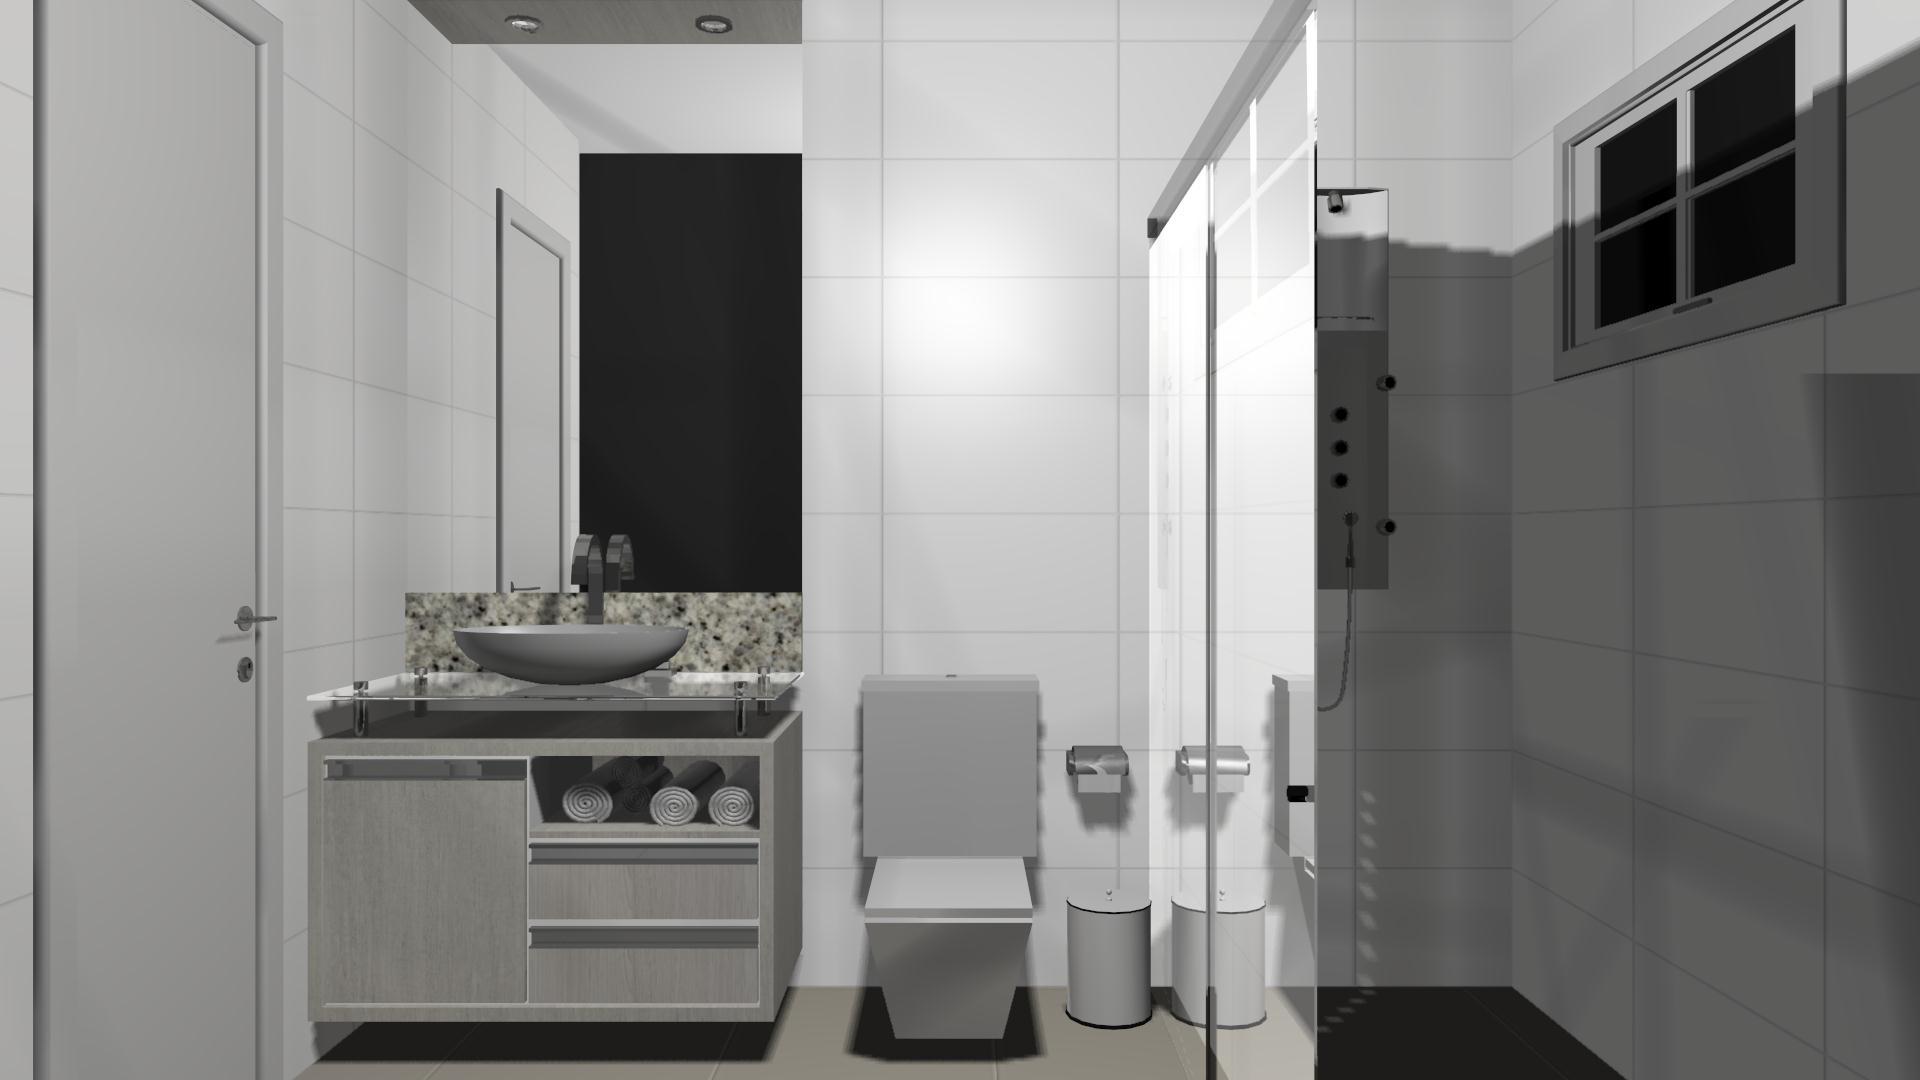 Projeto – Banheiro Sul Móveis São Miguel do Iguaçu PR  #686663 1920 1080